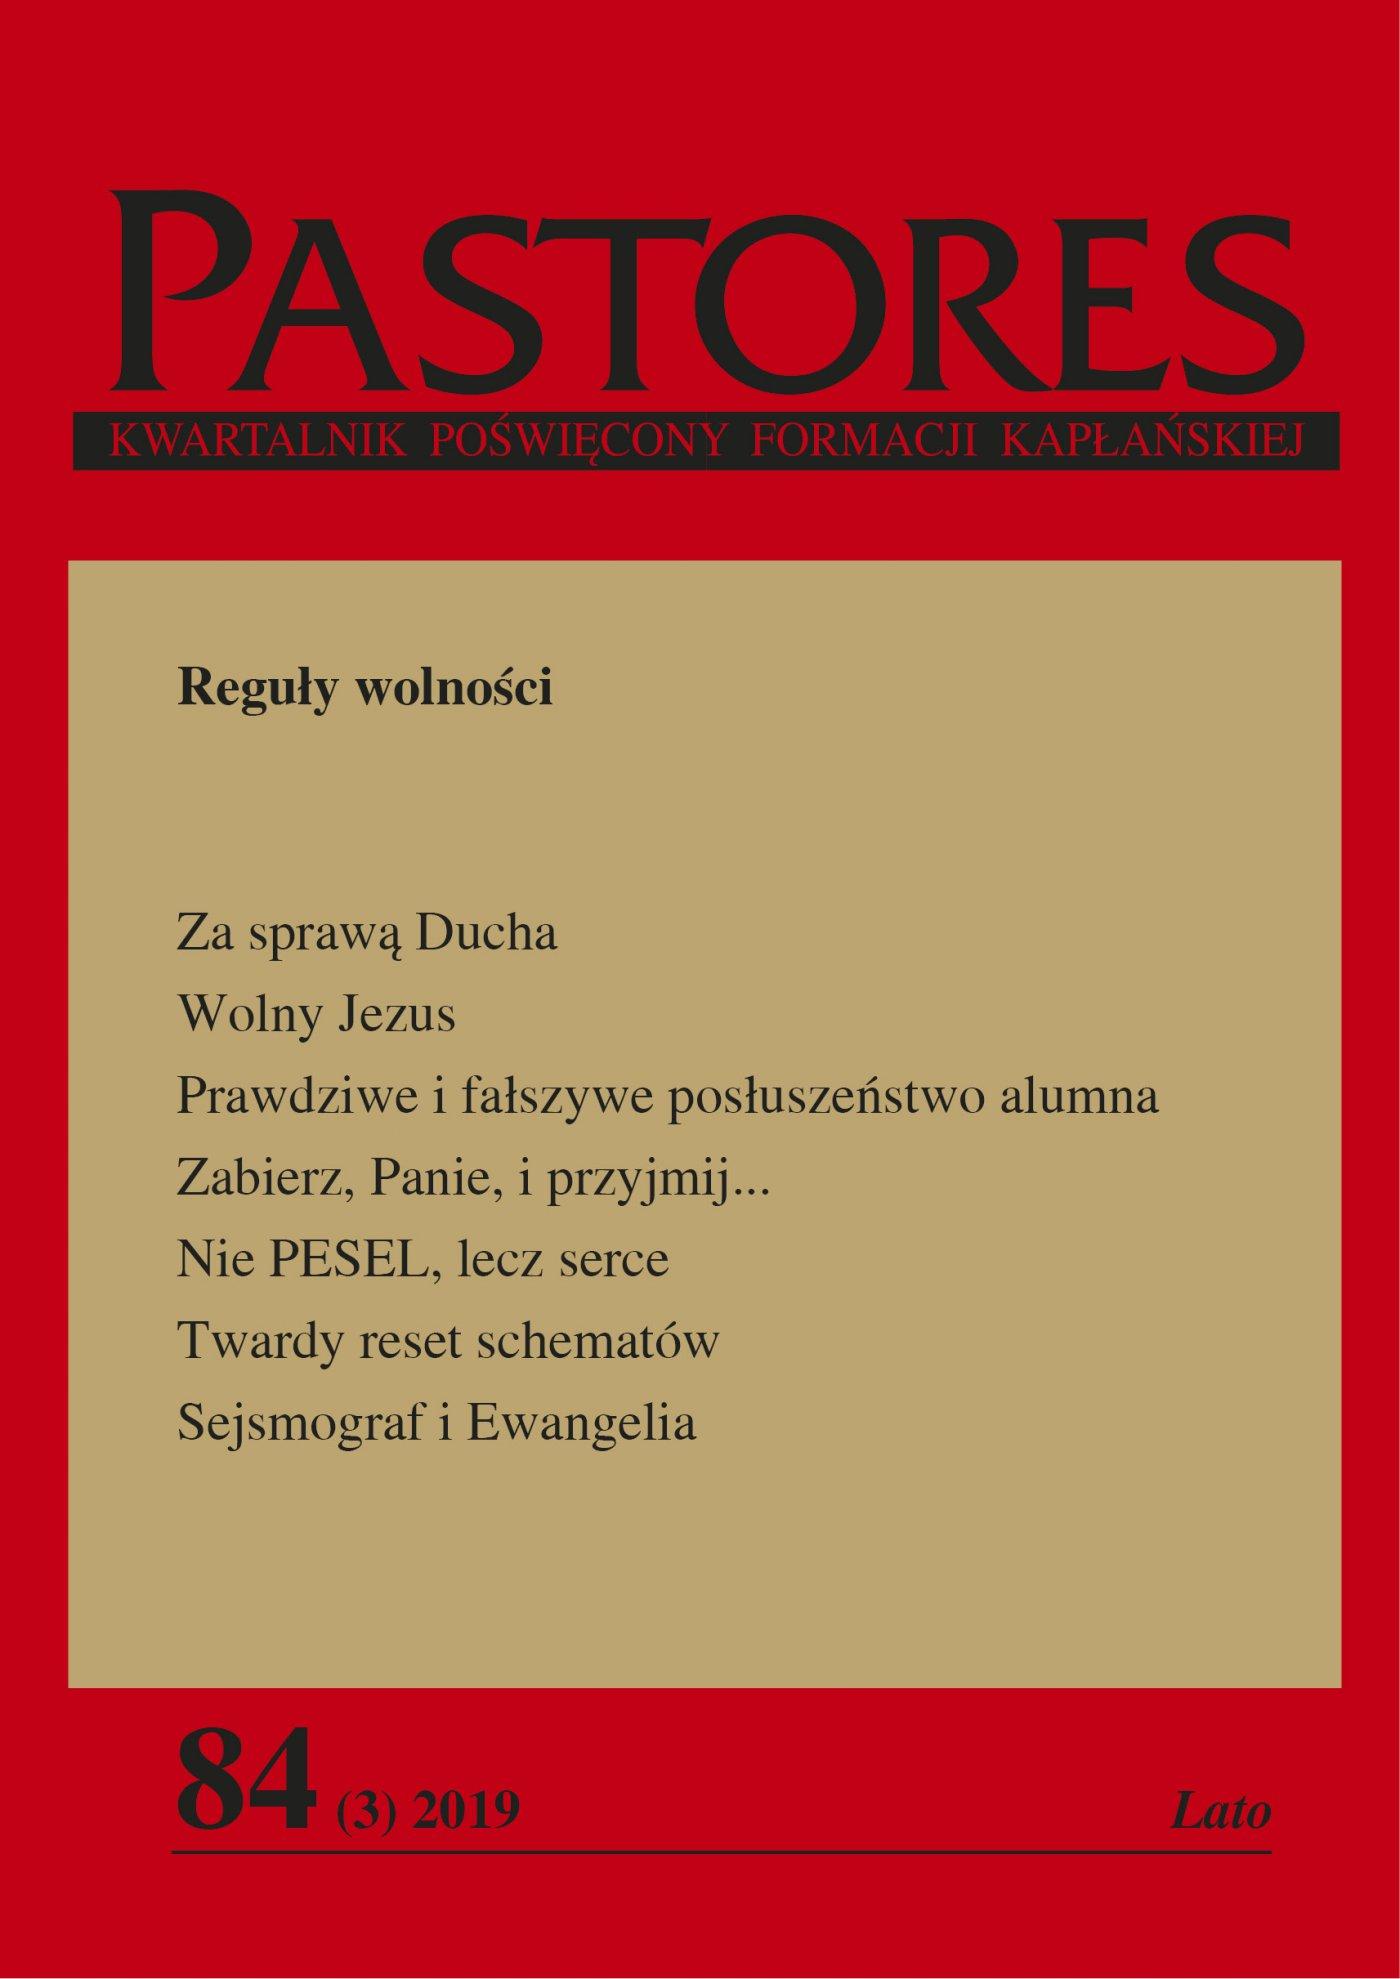 Pastores 84 (3) 2019 - Ebook (Książka EPUB) do pobrania w formacie EPUB